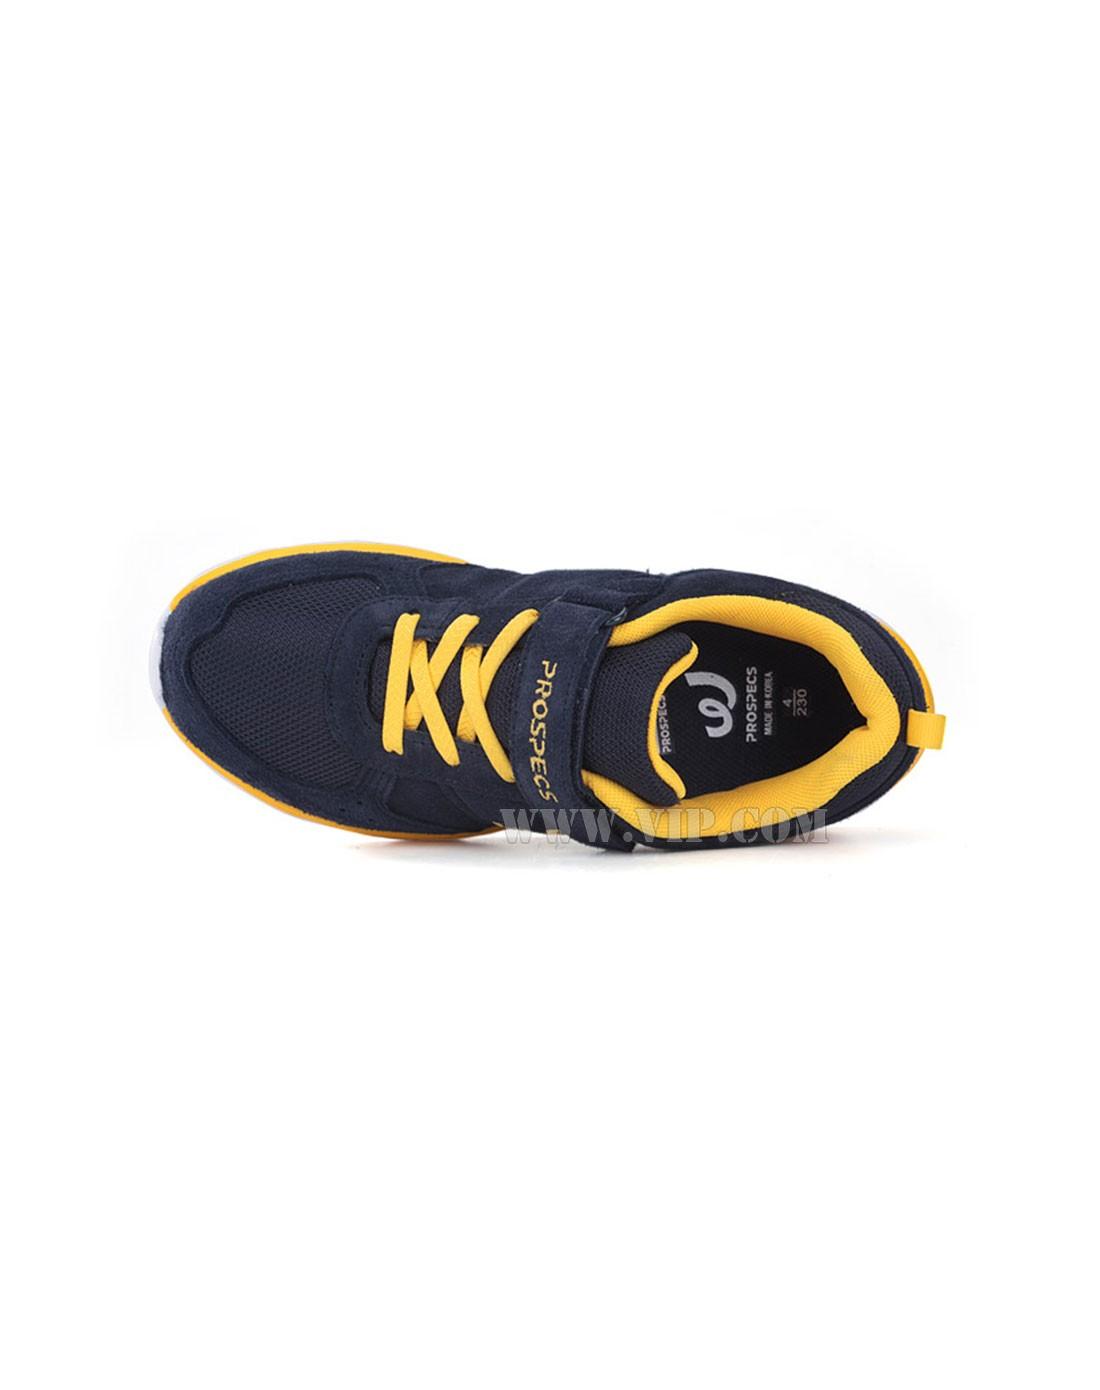 服装专场-儿童运动鞋